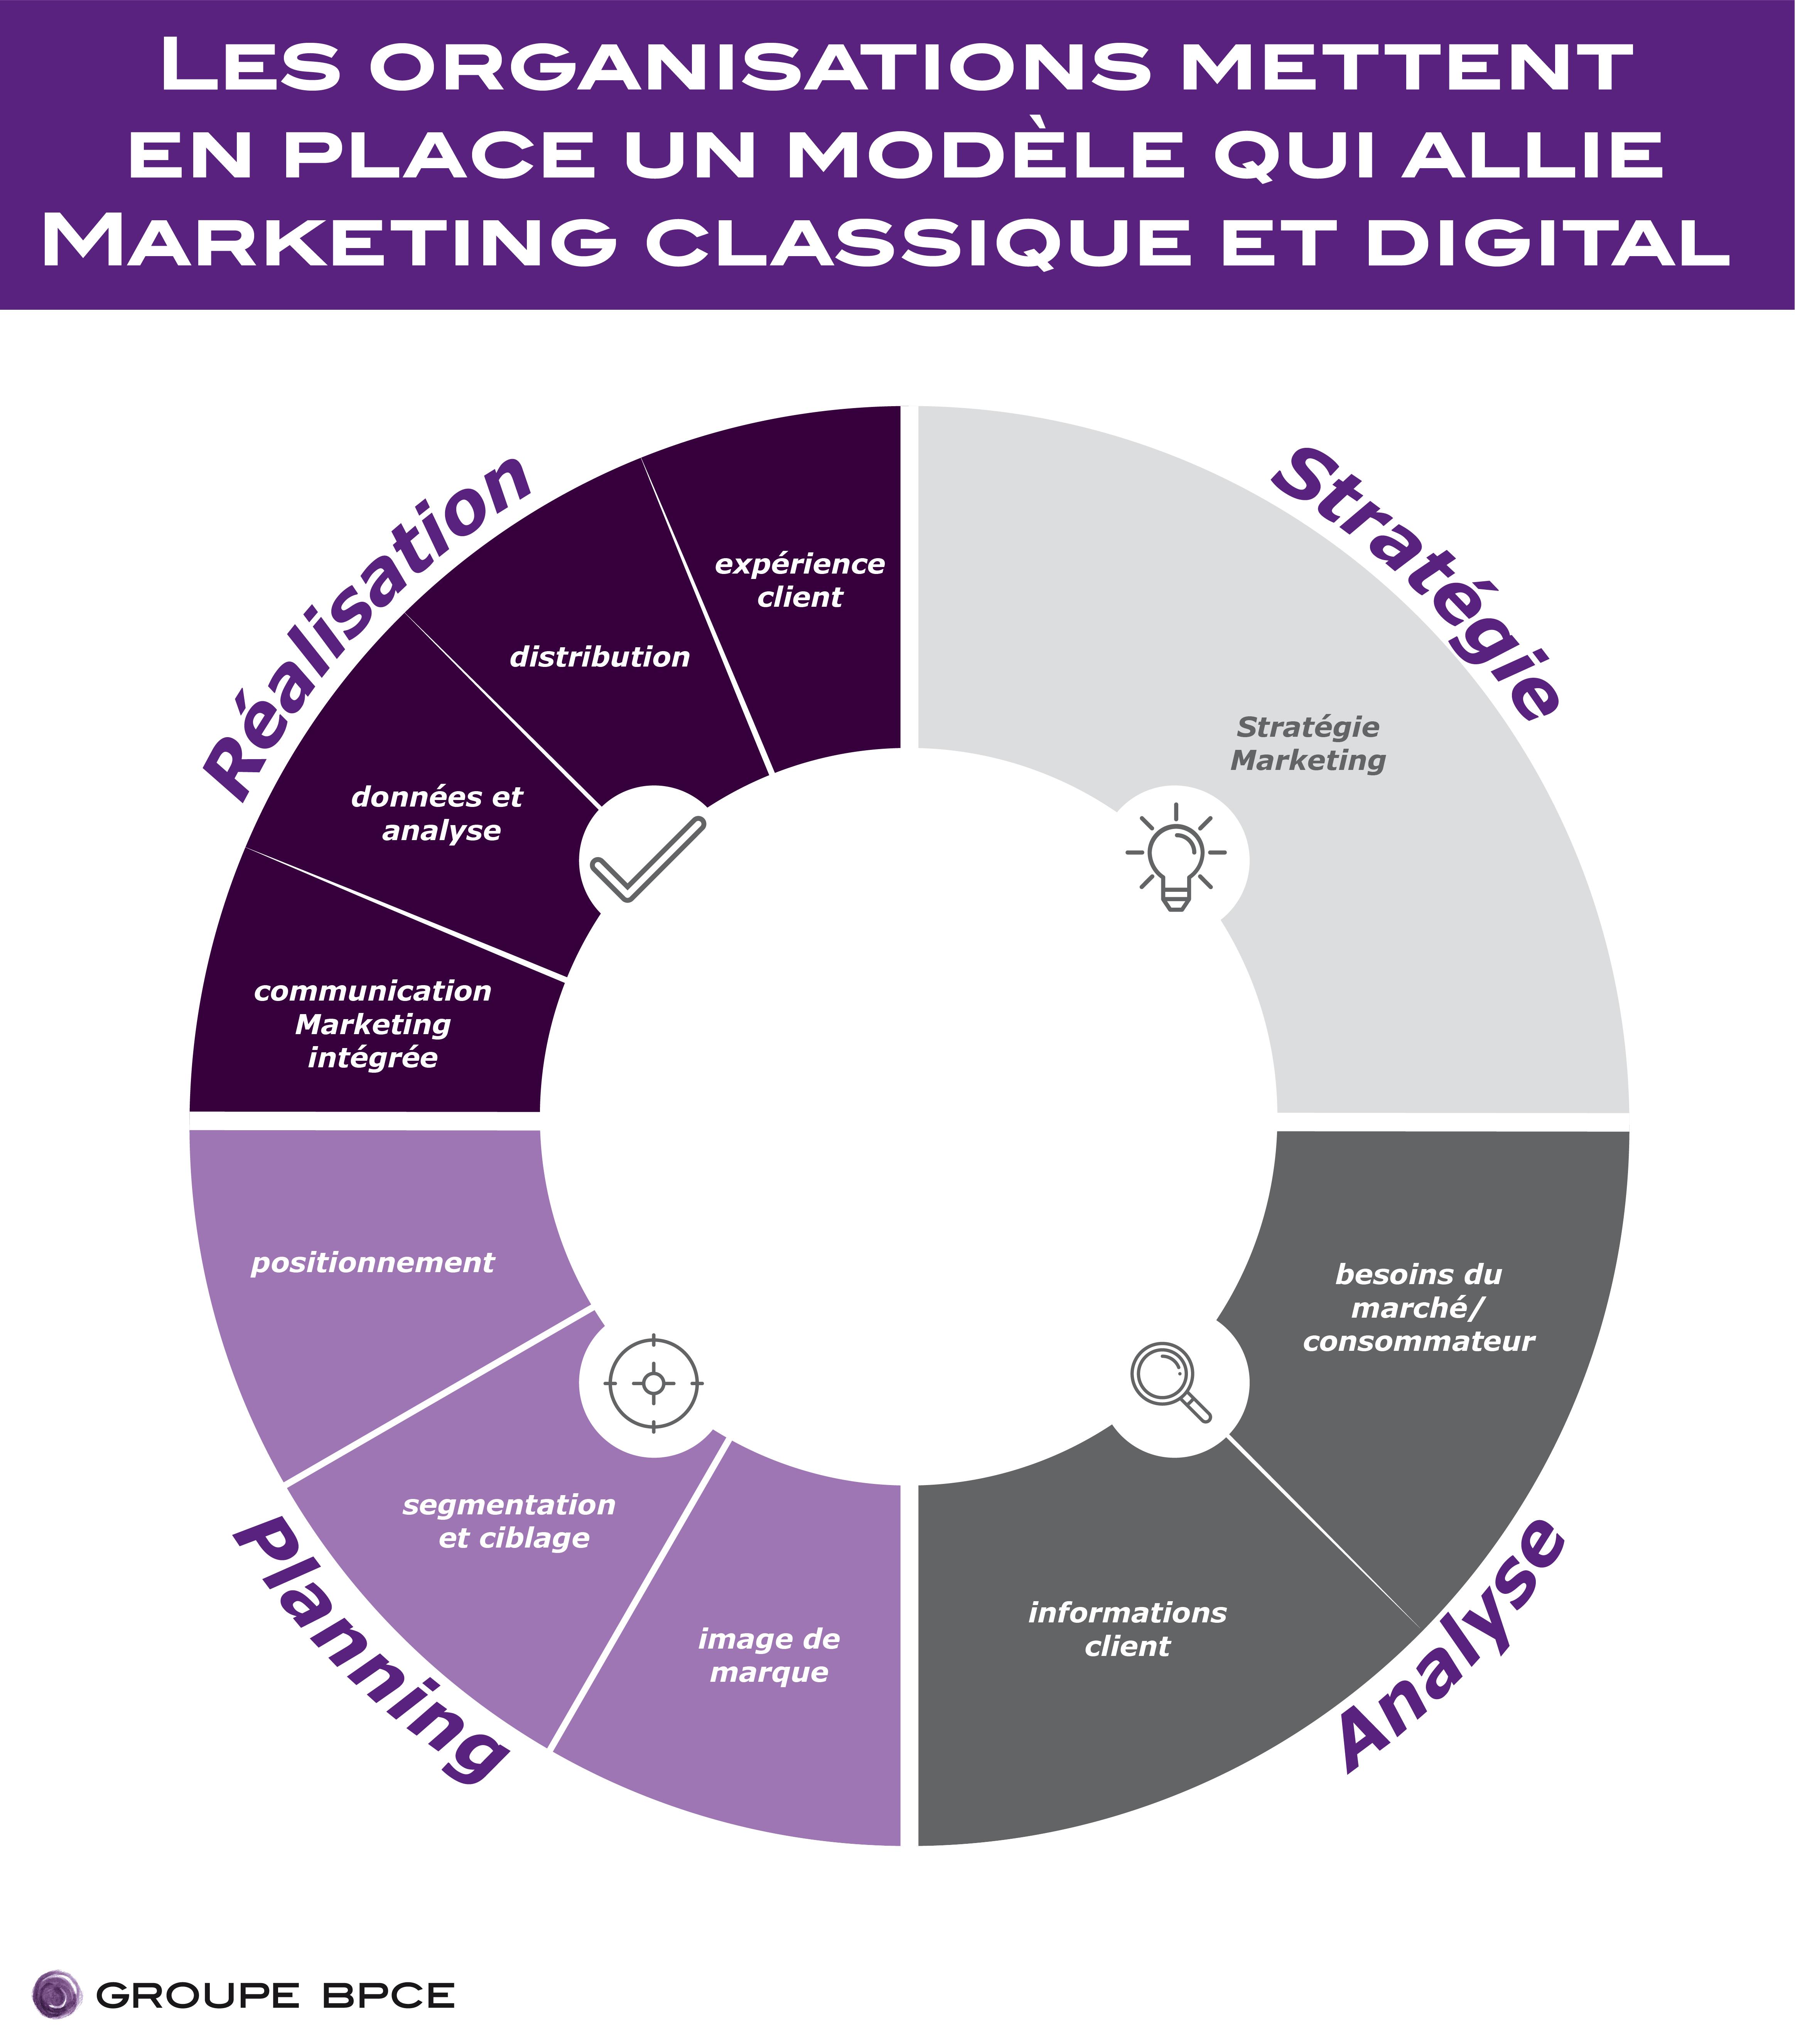 Les marketeurs allient les techniques du marketing traditionnel et digital